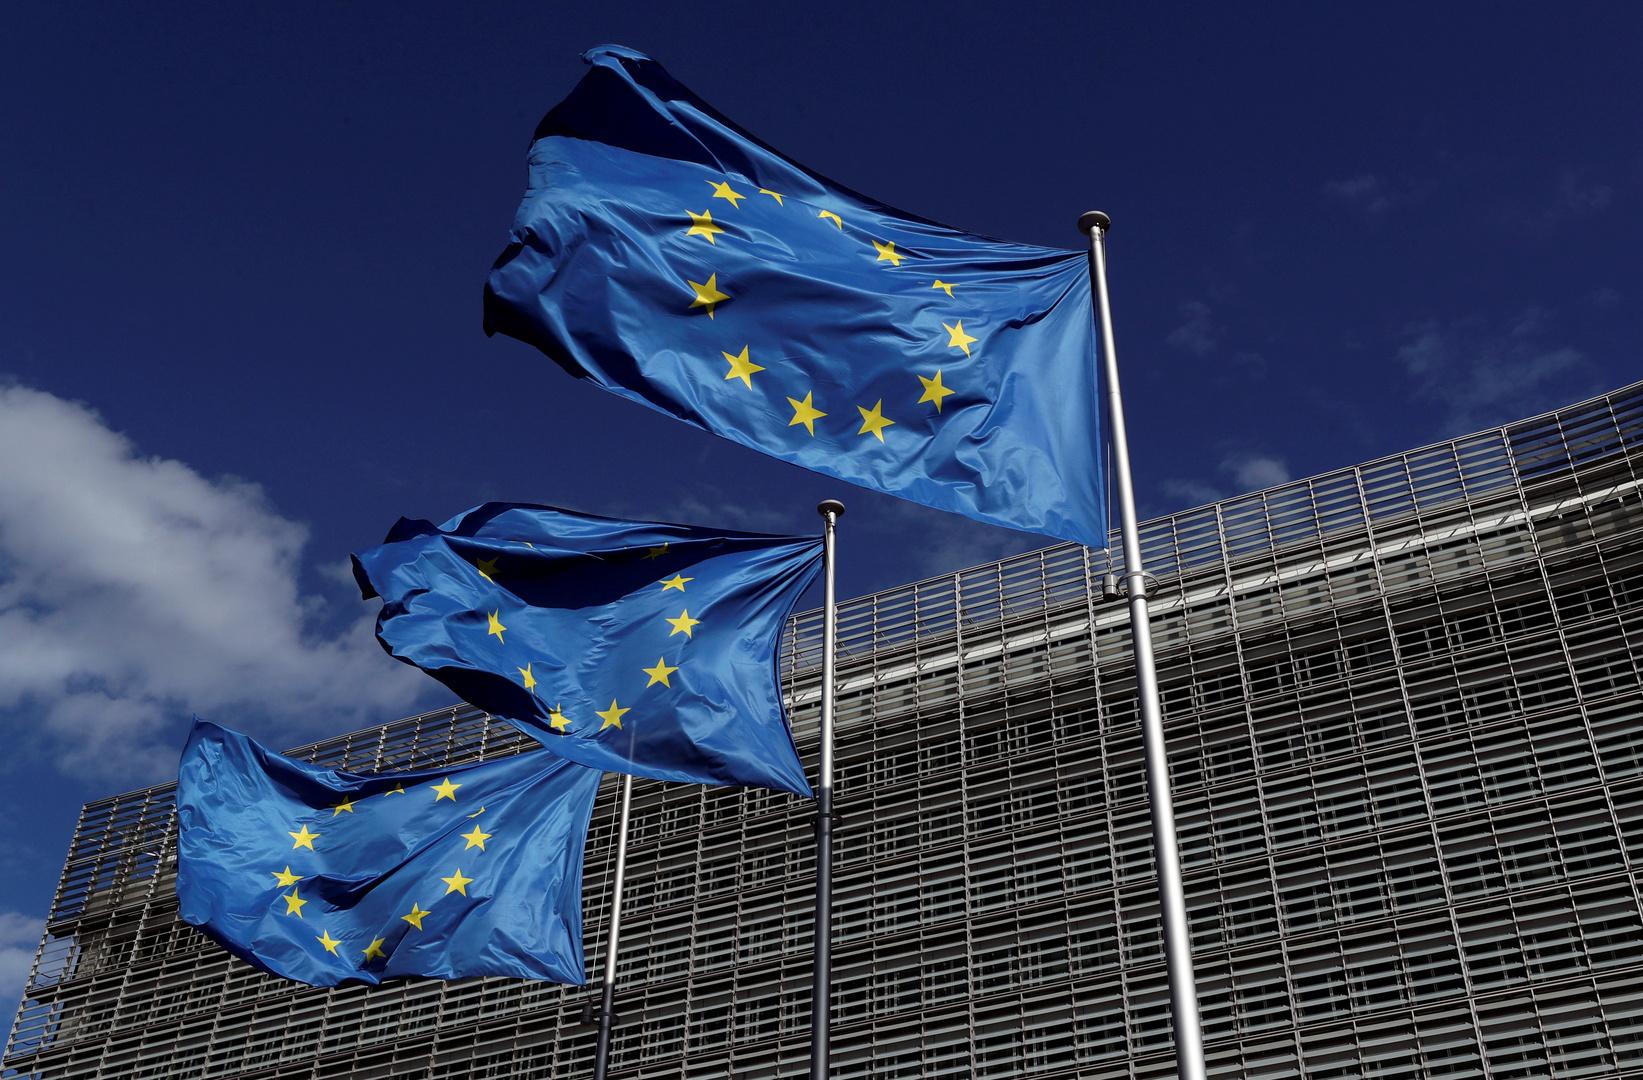 الاتحاد الأوروبي يربط تمويل أعضائه باحترام سيادة القانون